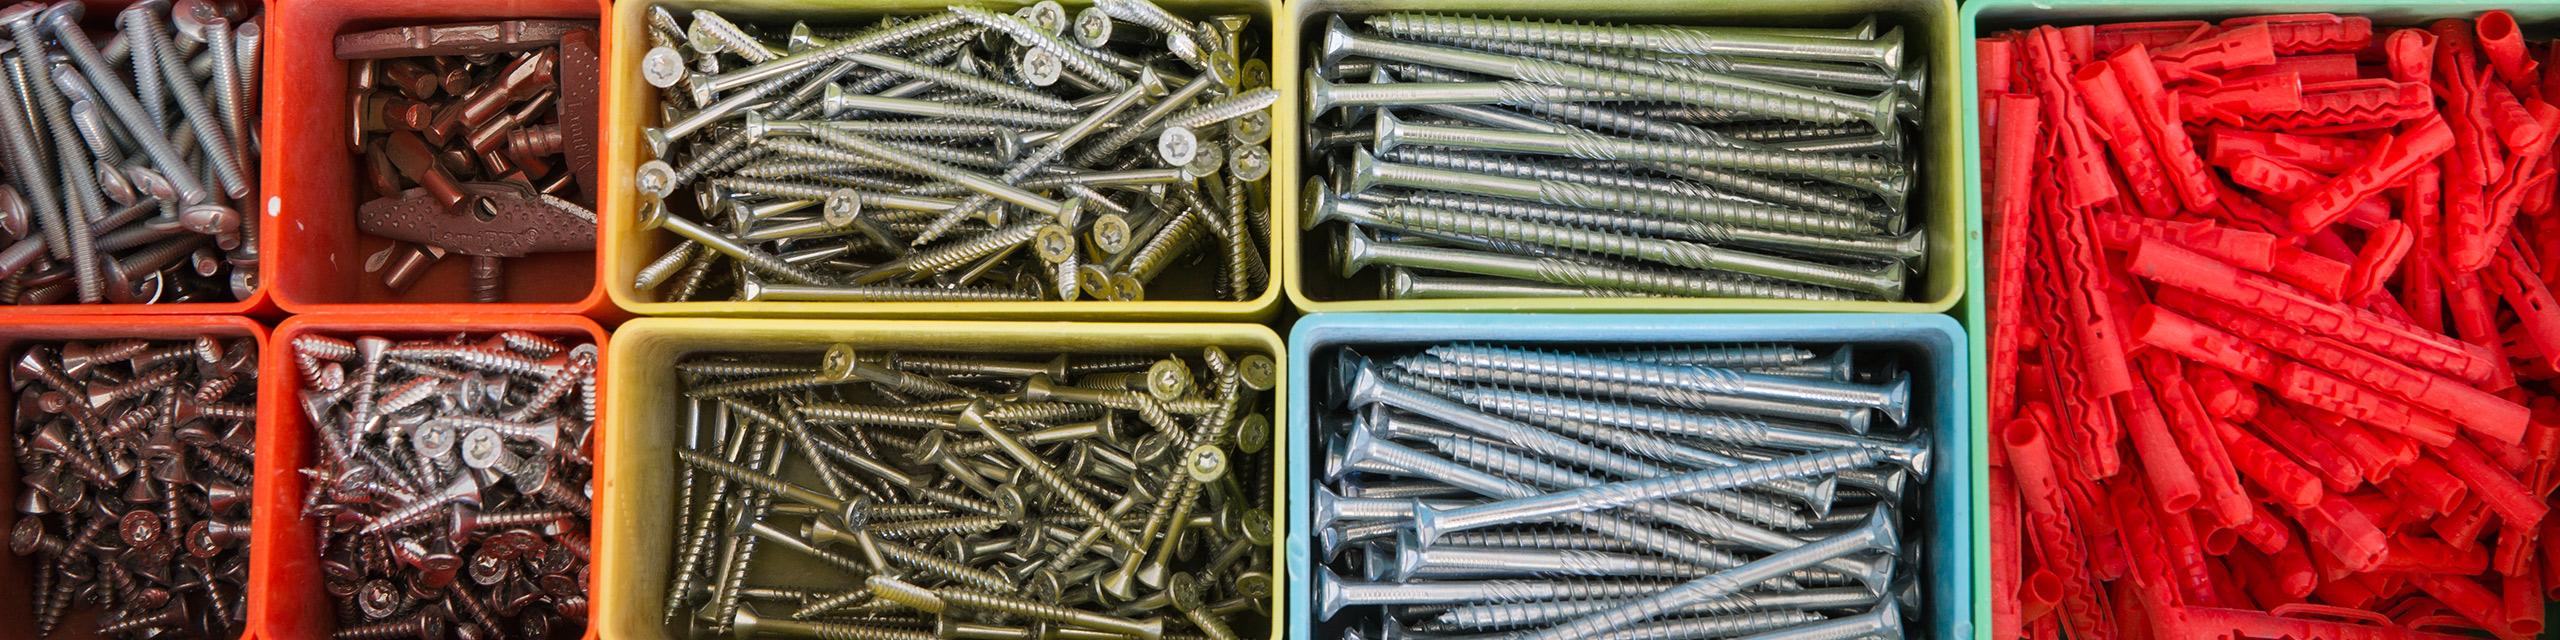 Baufachmarkt Schrauben Arbeitsmittel